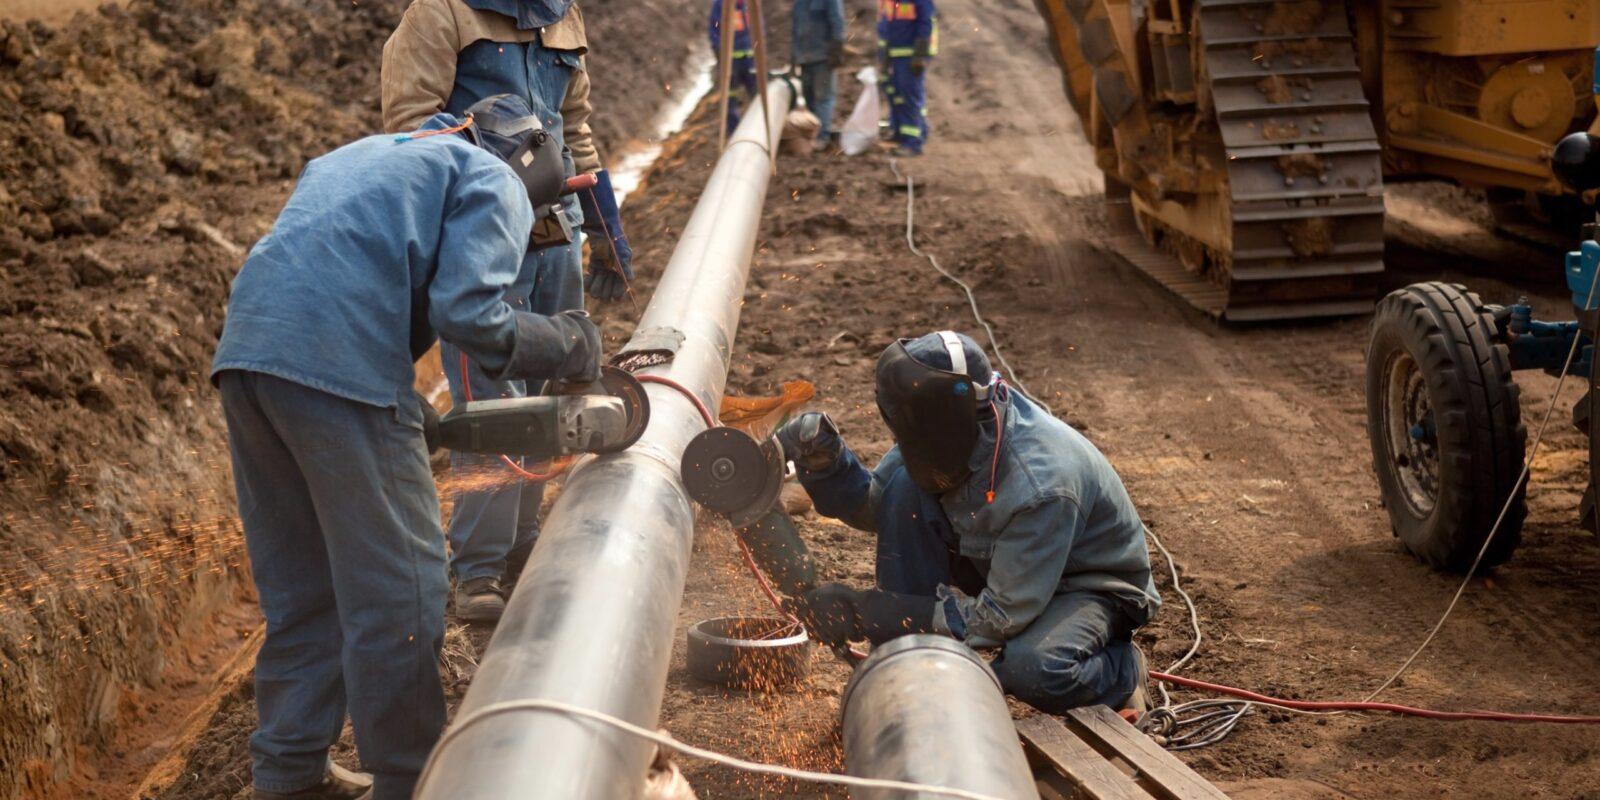 В городе Ржев подключат газ на трех улицах, на которых ведется индивидуальное жилищное строительство